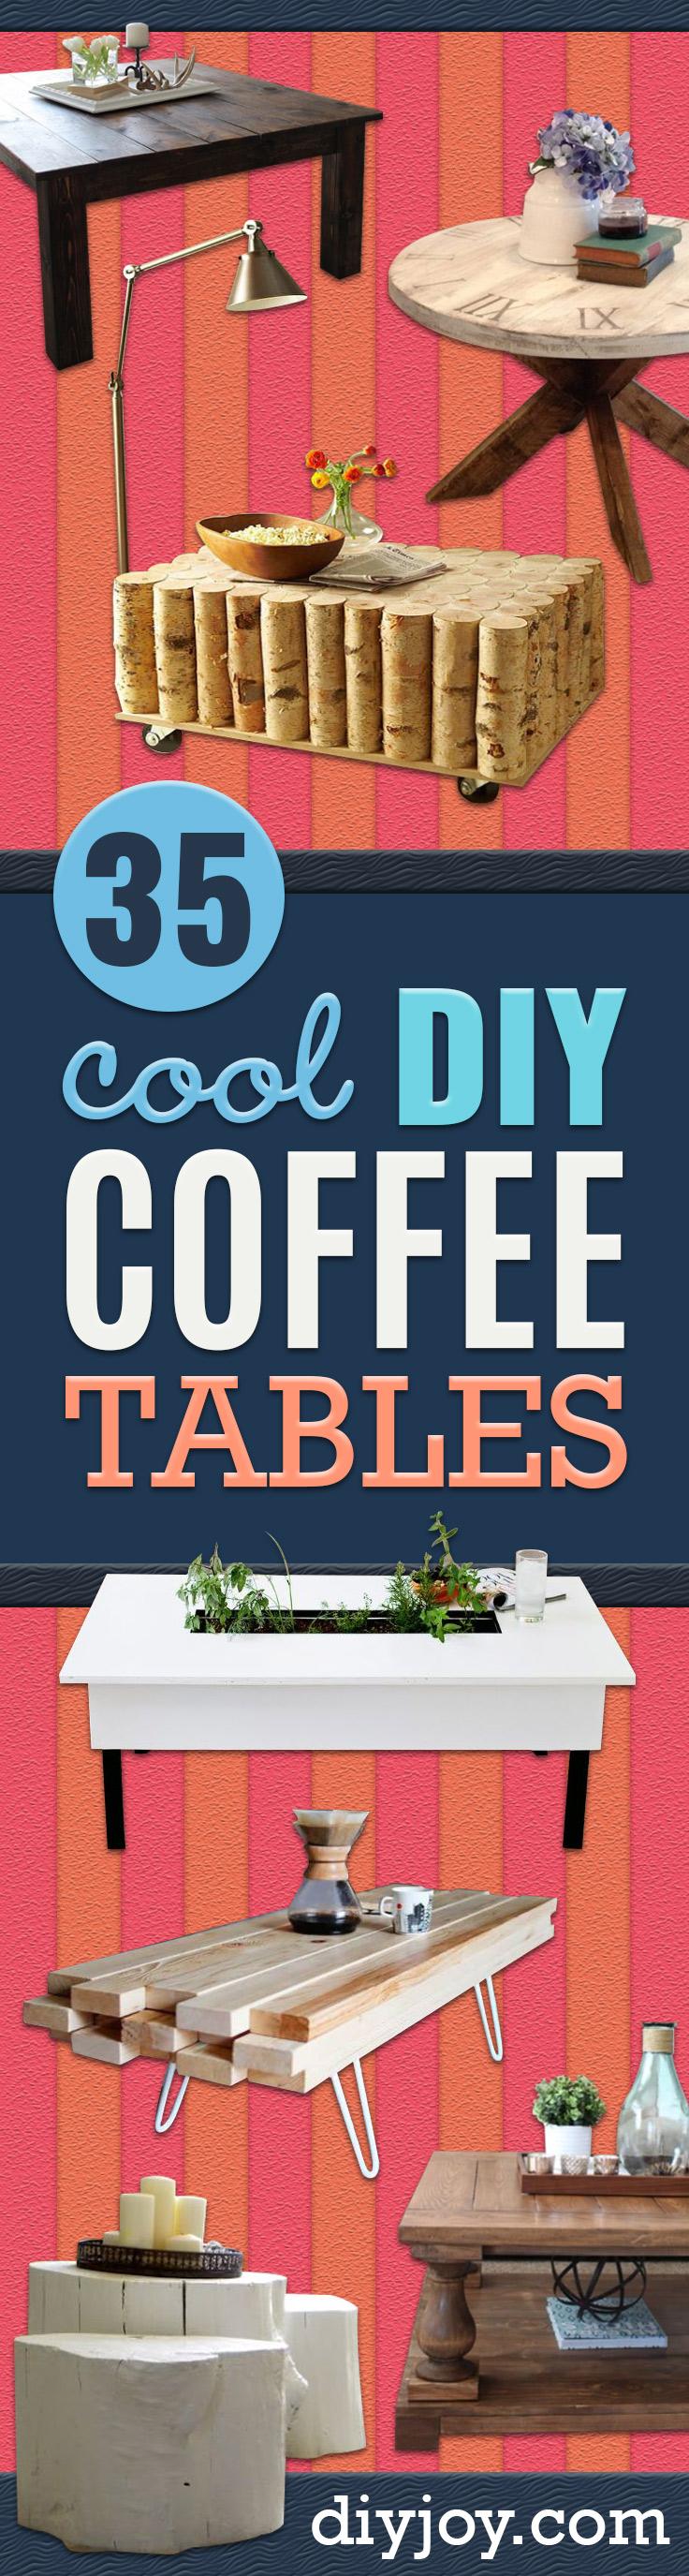 35 diy coffee tables that belong in